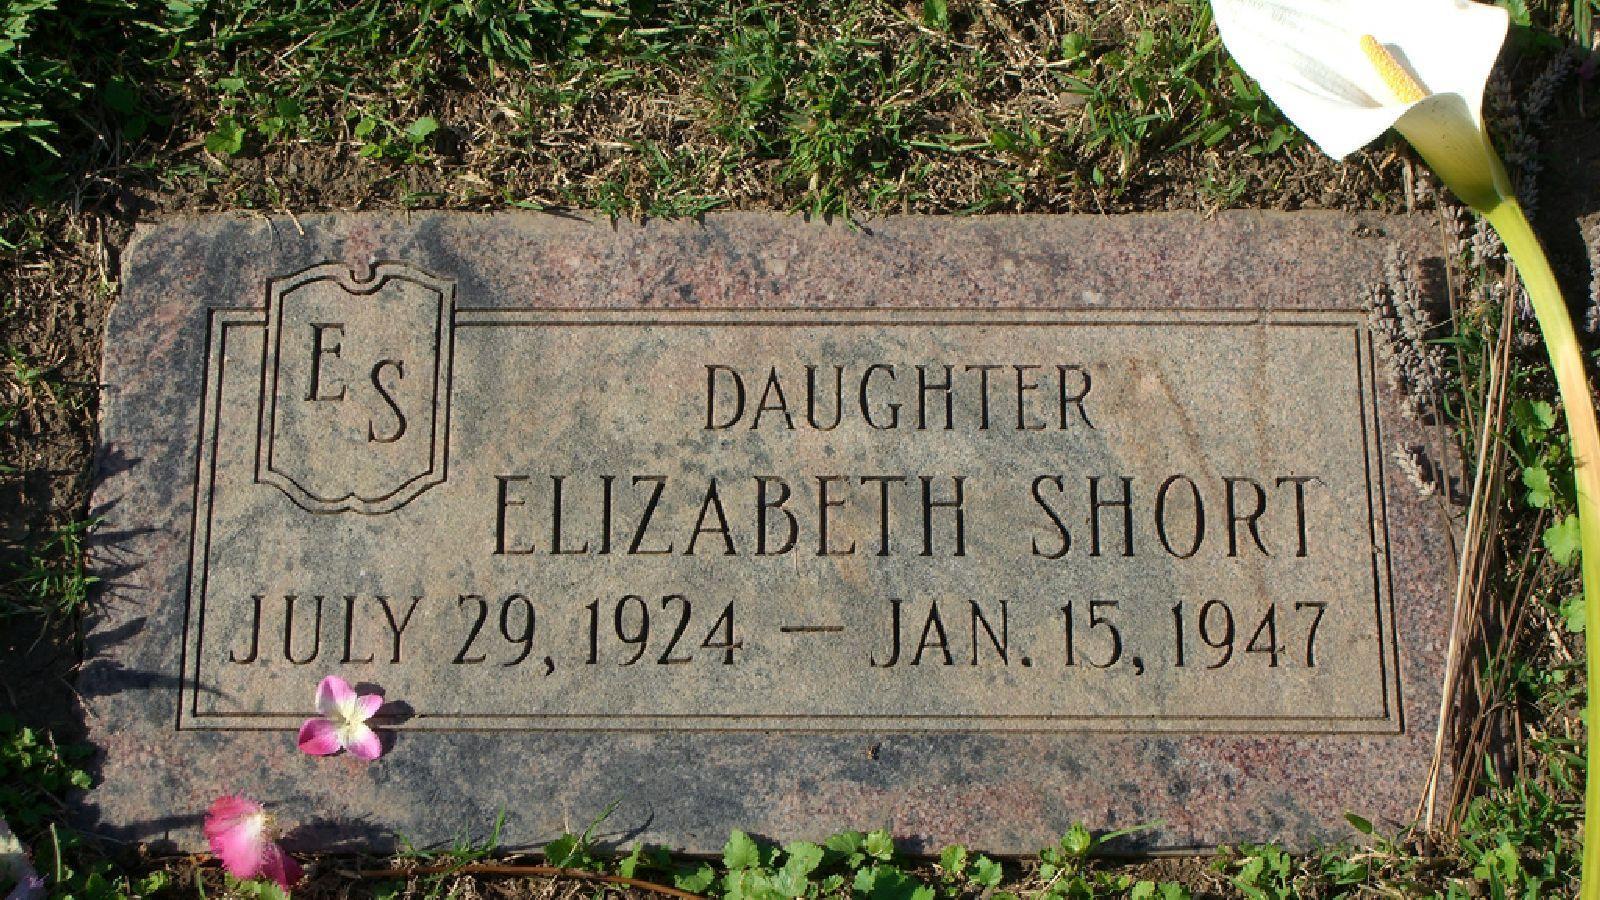 Fekete Dália néven vált ismertté Elizabeth Short, aki az amerikai kriminalisztika egyik leghíresebb gyilkosságának áldozata volt. Testét félbevágva, megcsonkítva találták meg egy Los Angeles-i parkban. A bűneset nagy médianyilvánosságot kapott, a lapok szenzációt keltő módon számoltak be a lány haláláról. Bár több tucat ember került feltételezett gyanúsítottként a rendőrség látókörébe, az elkövetőt nem találták meg. Számos elmélet született a máig megoldatlan gyilkosságról. (Wikipedia)